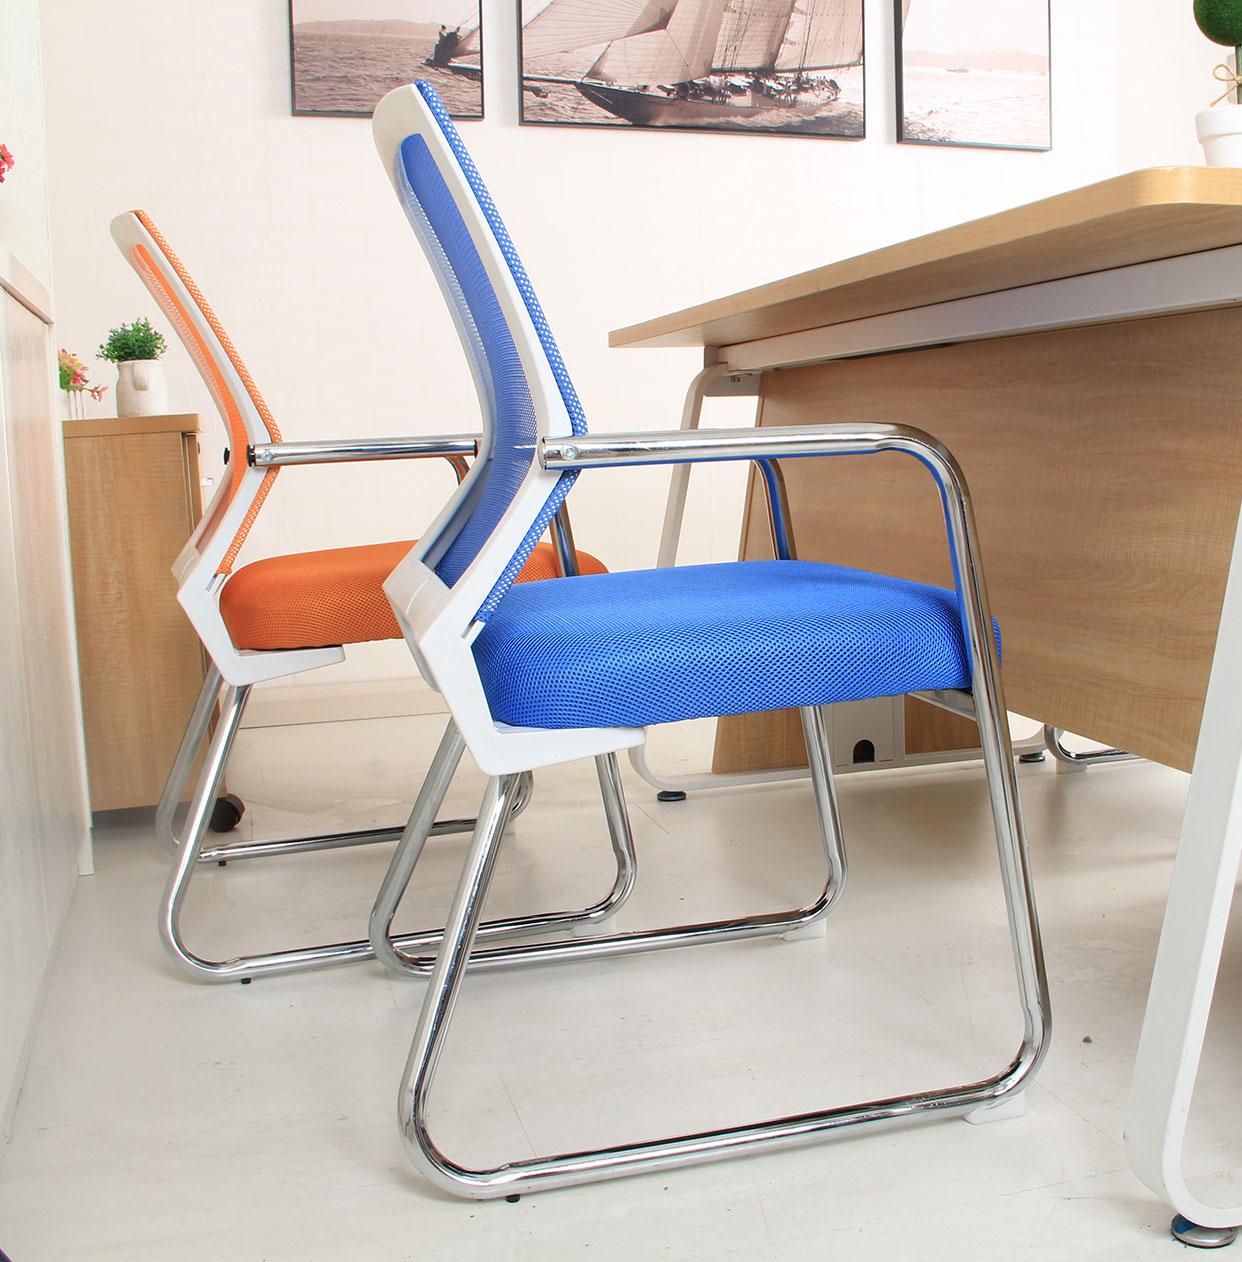 電腦椅 家用辦公椅四腳椅子會議麻將網布學生椅弓形人體工學凳子